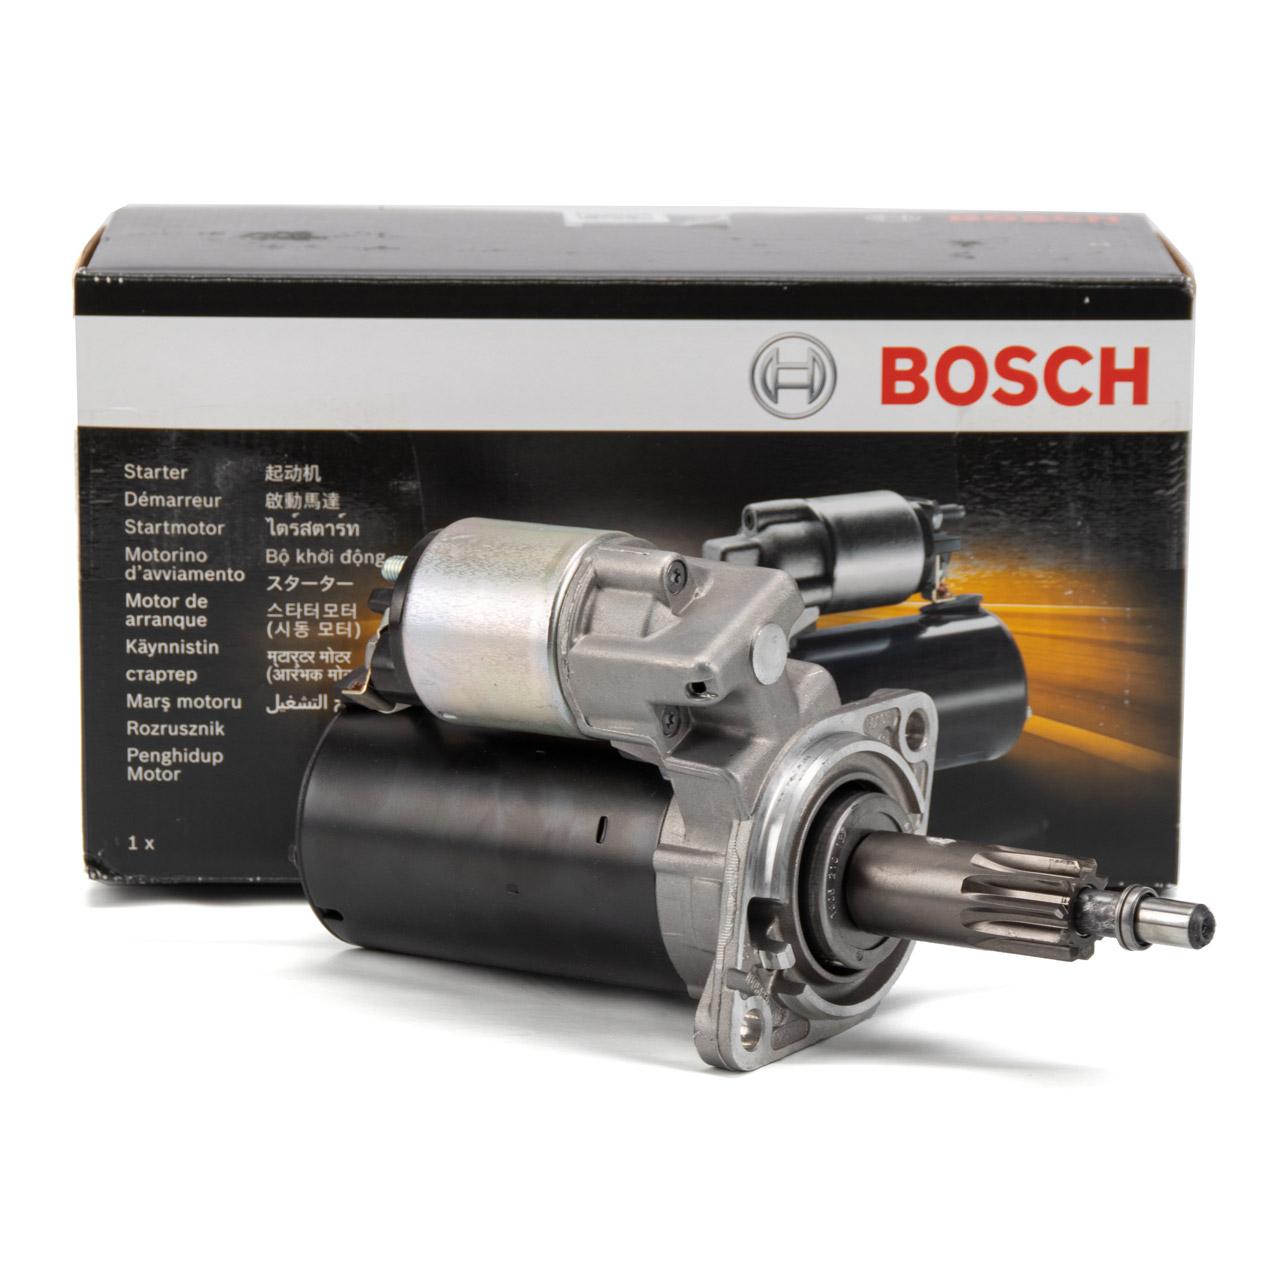 BOSCH 0001115118 Anlasser Starter 12V 1,7kW für PORSCHE 911 (964 993 996 997)